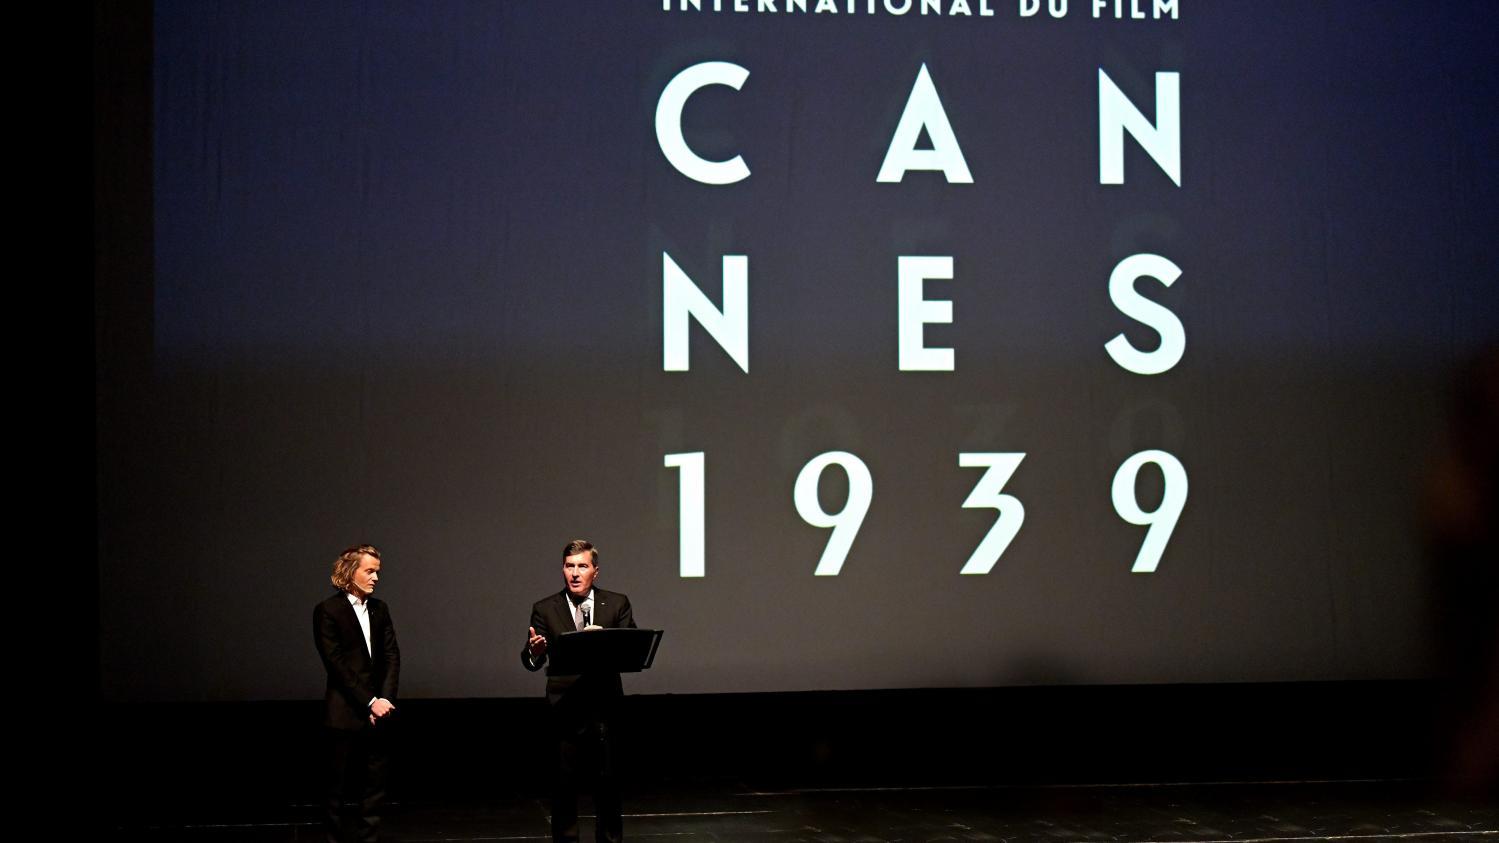 """Festival de Cannes 1939 : """"Monsieur Smith au Sénat"""" de Frank Capra remporte le Grand Prix Jean Zay 80 ans a... - Franceinfo"""